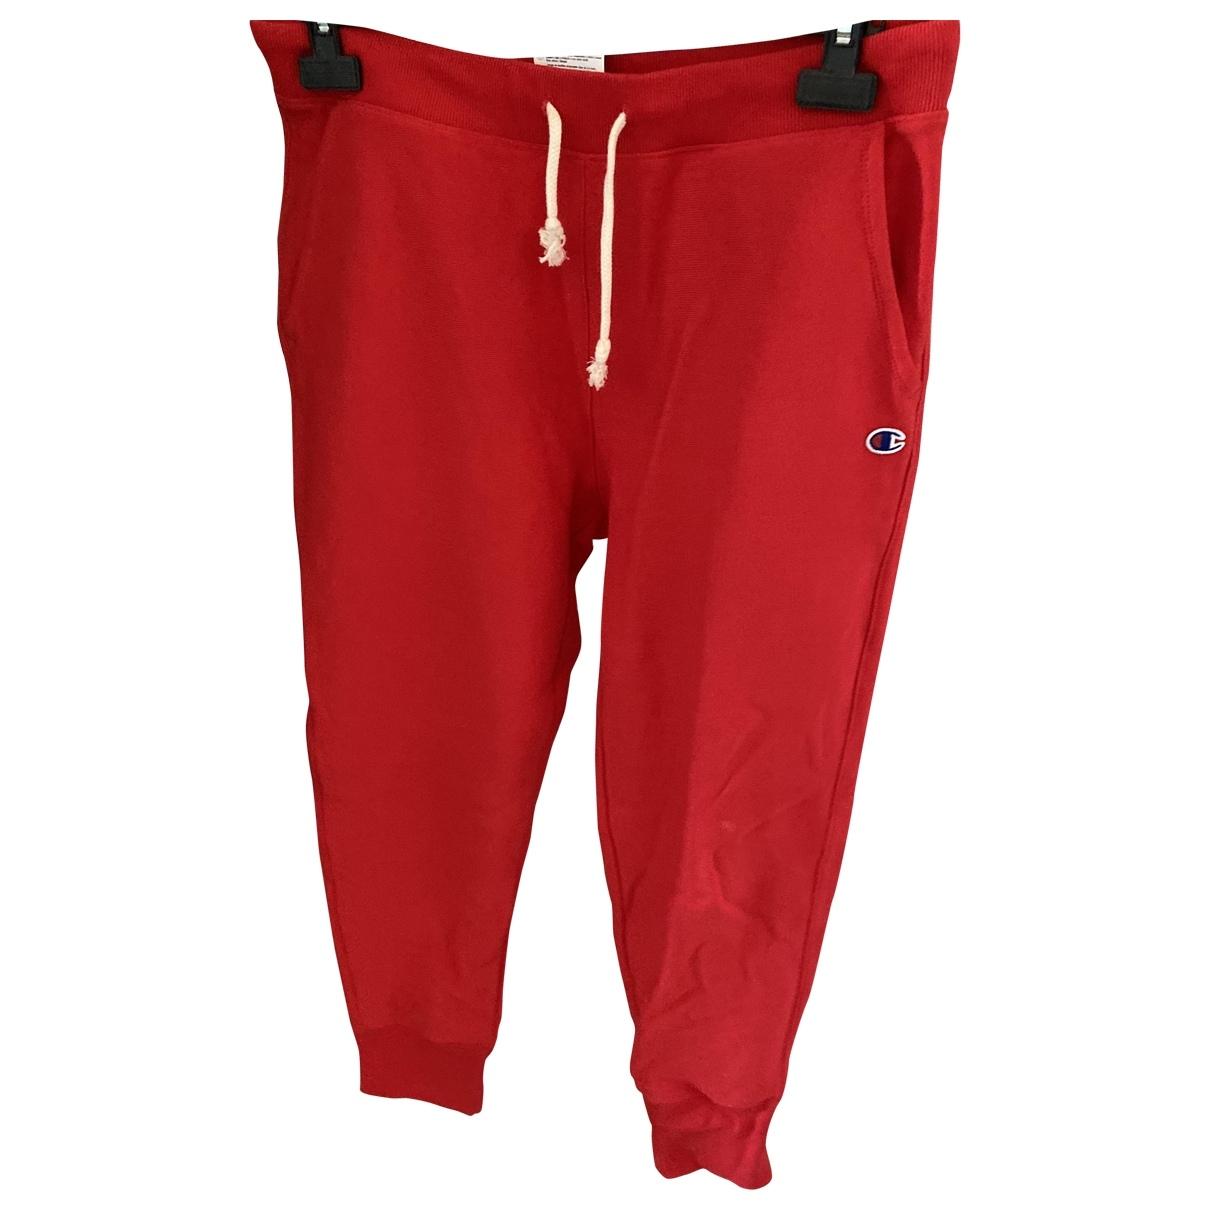 Pantalon en Algodon Rojo Champion